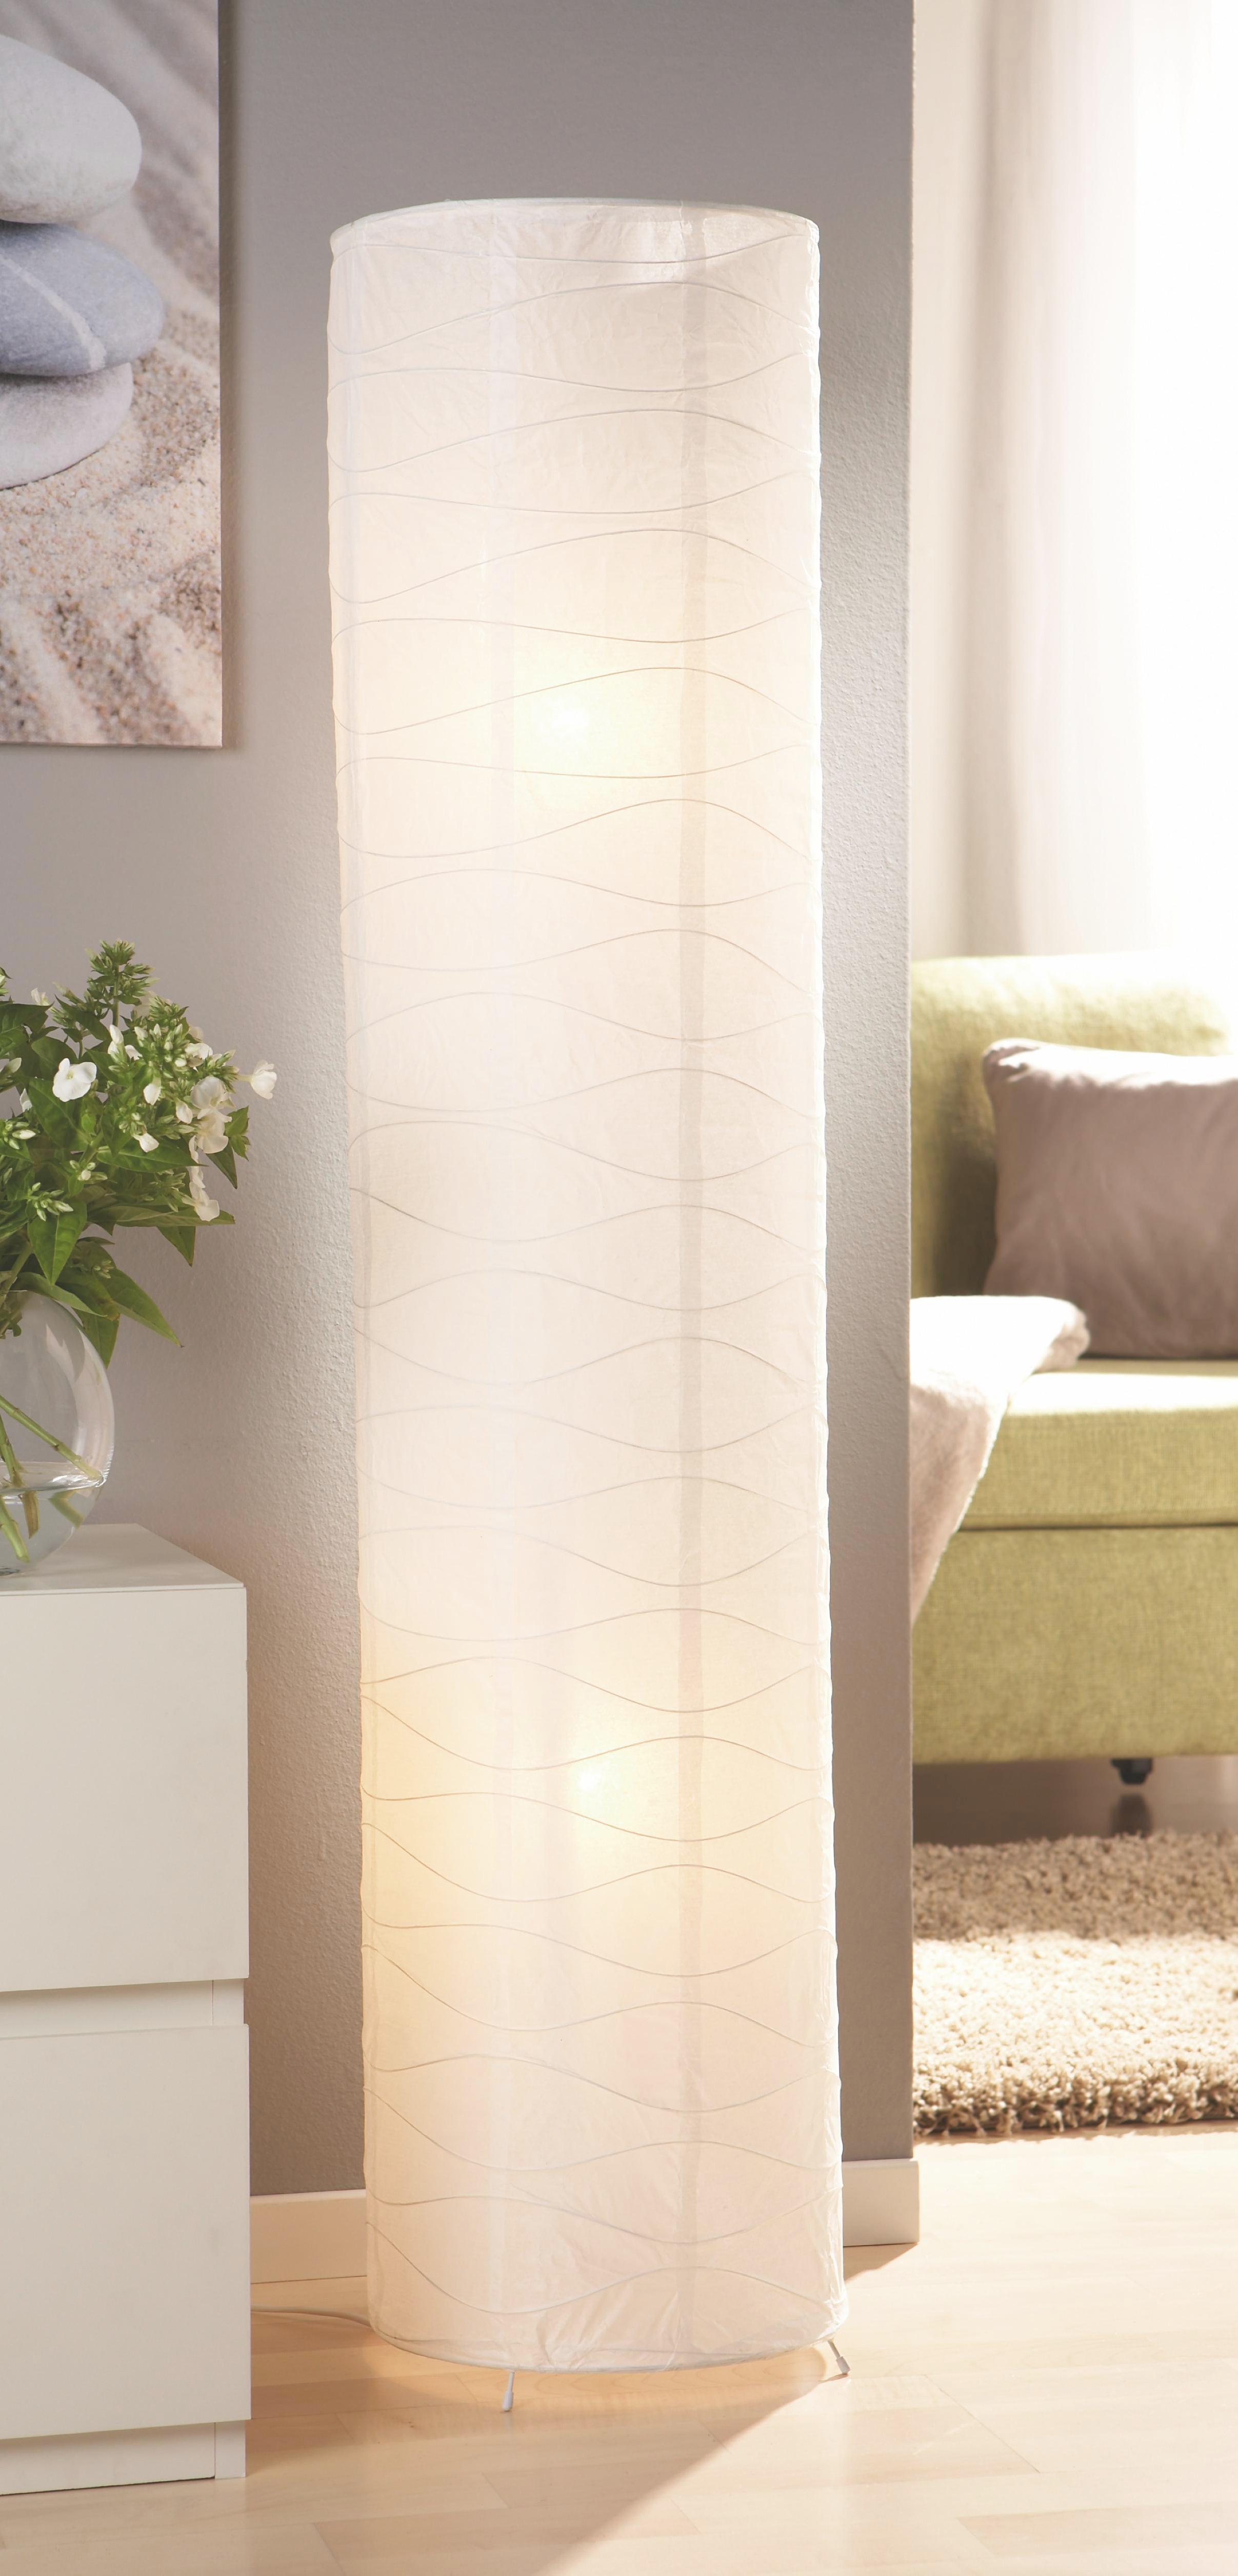 Állólámpa Francesco - krómszínű/fehér, konvencionális, fém/papír (27,5/120cm) - BASED